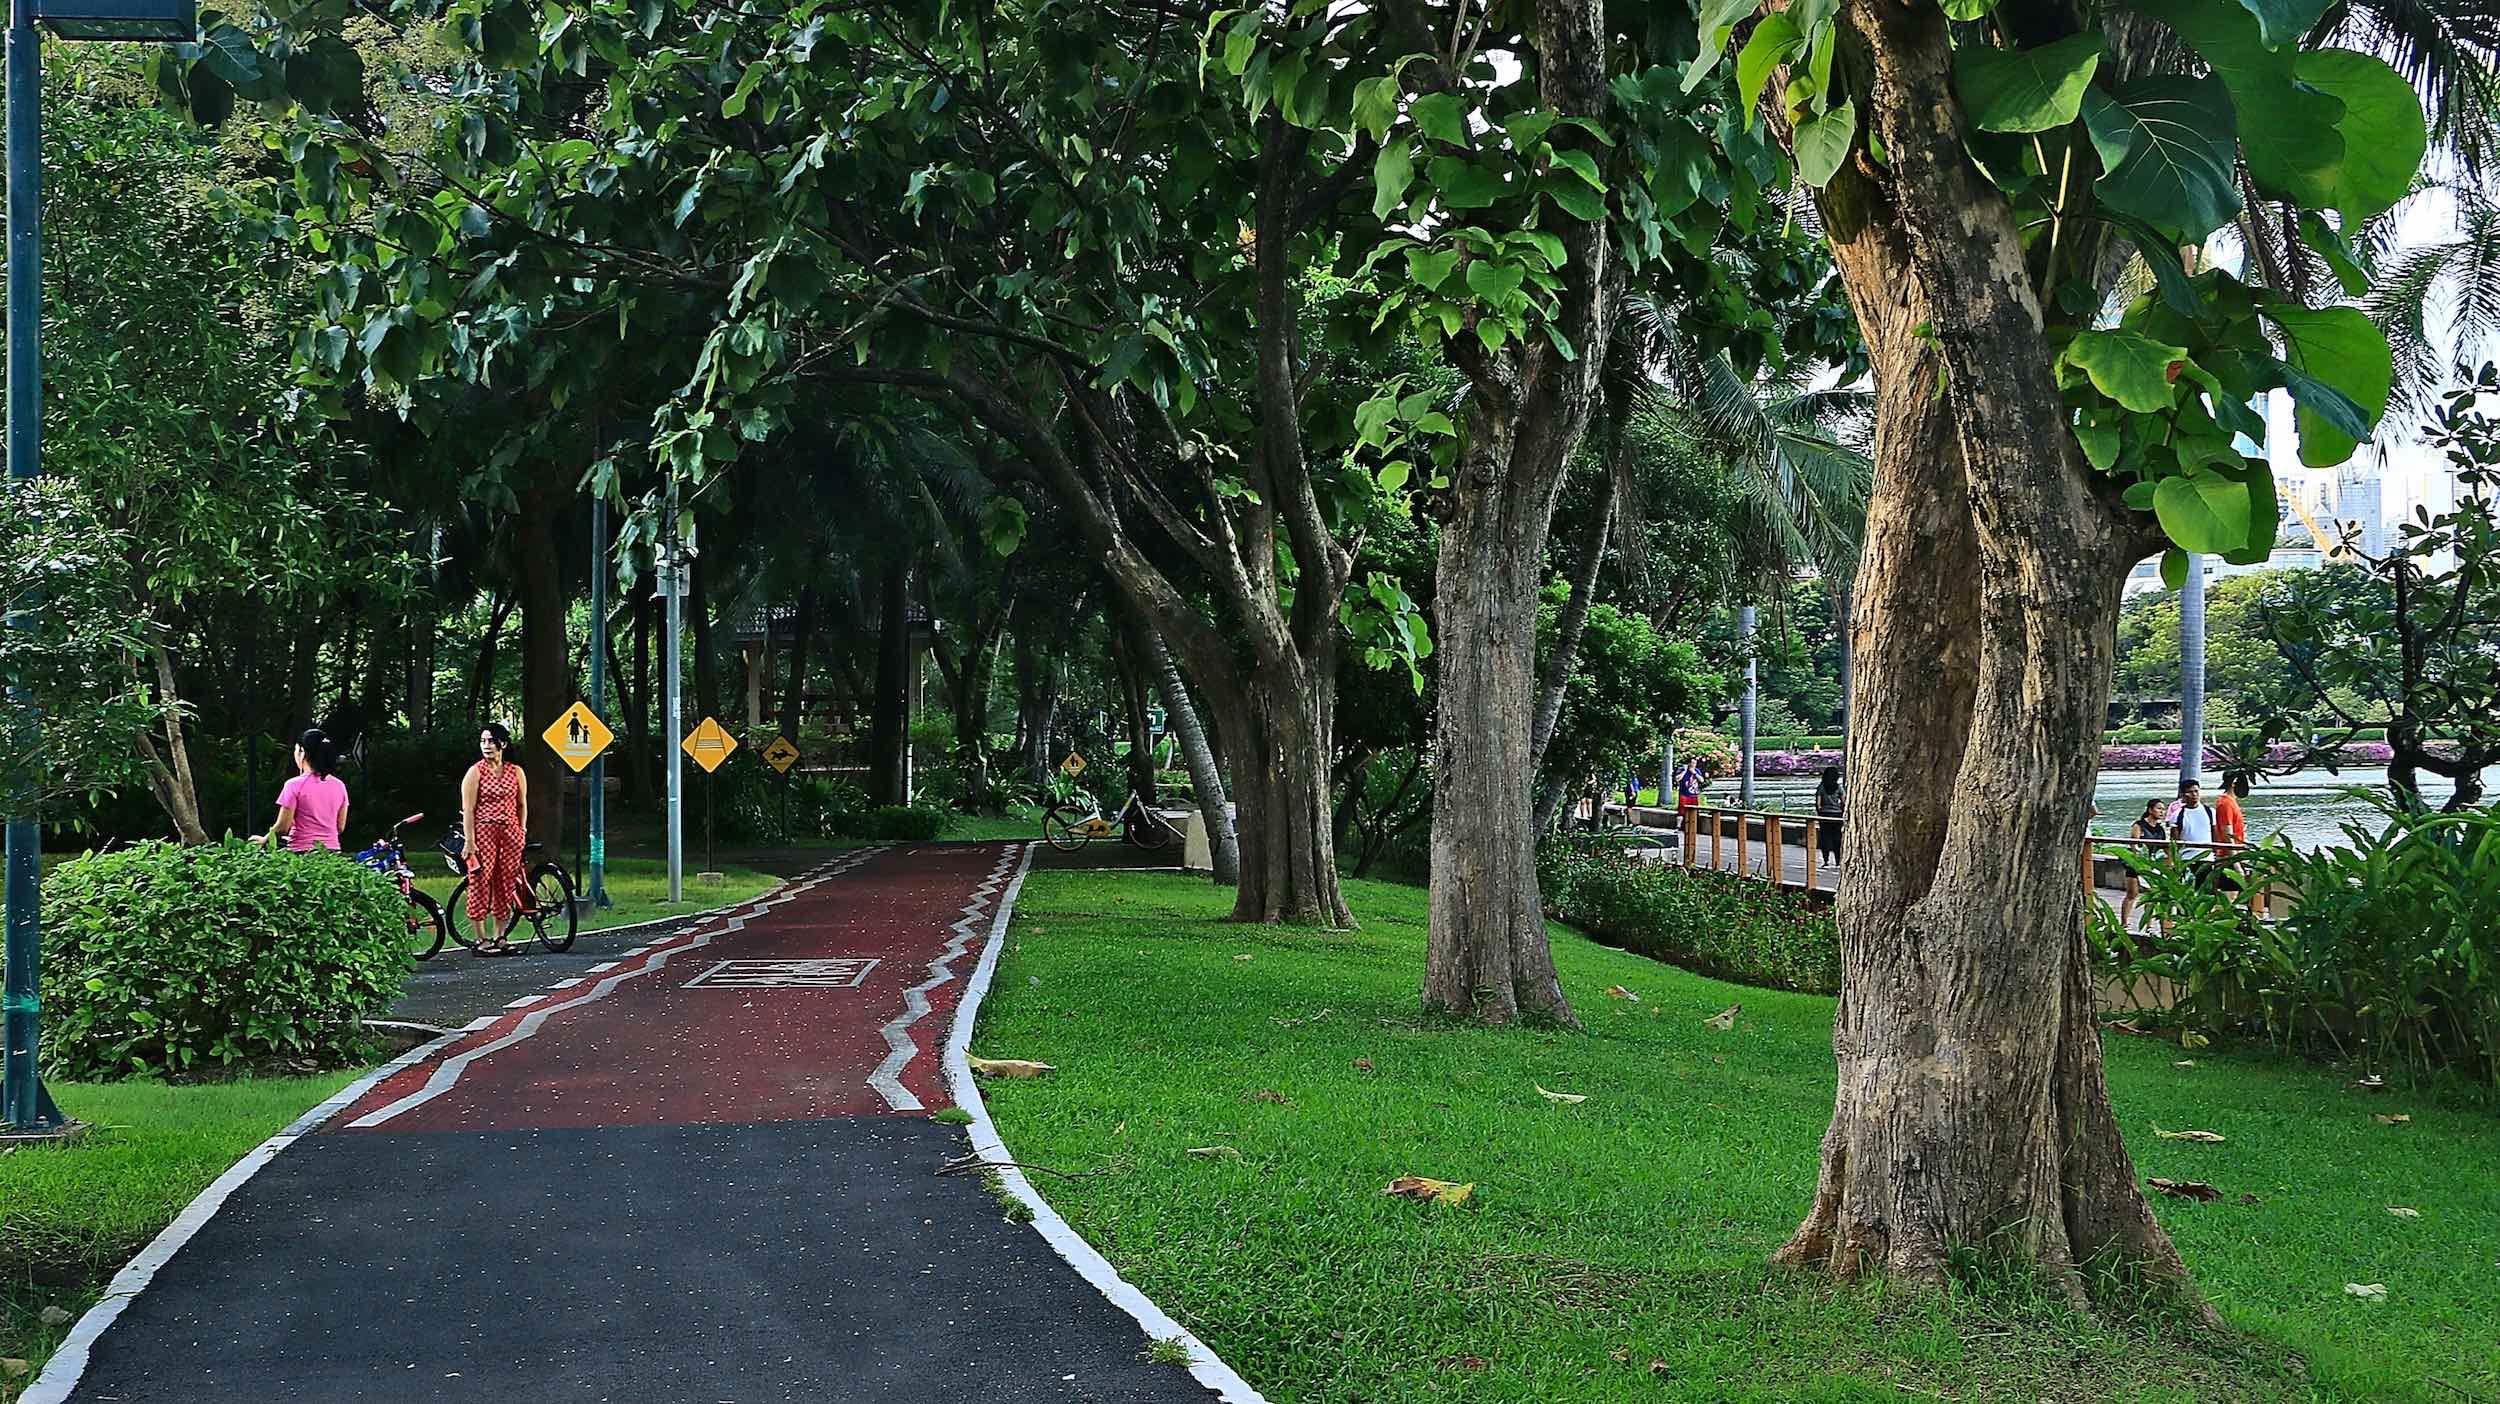 Benjakitti_Park_Bangkok_Cycling_Path.jpg